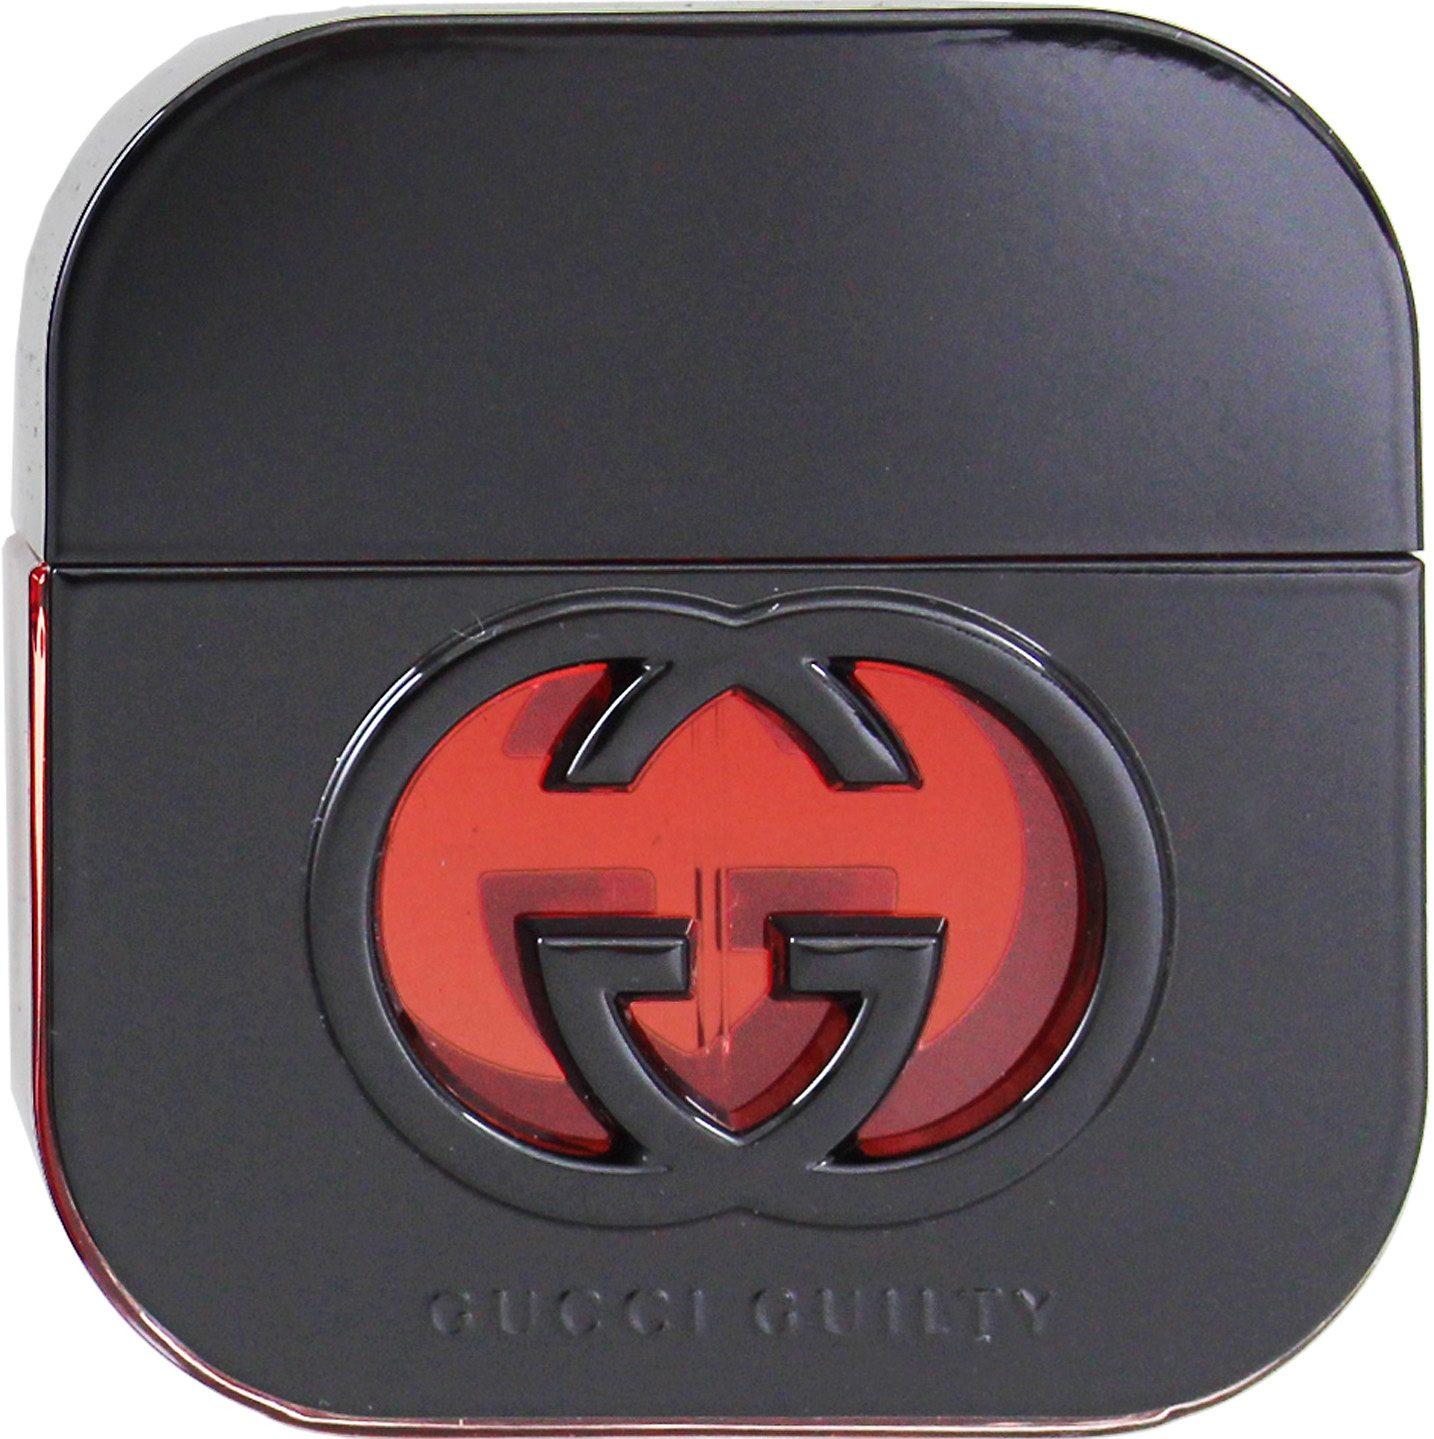 Gucci, »Gucci Guilty Black Pour Femme«, Eau de Toilette